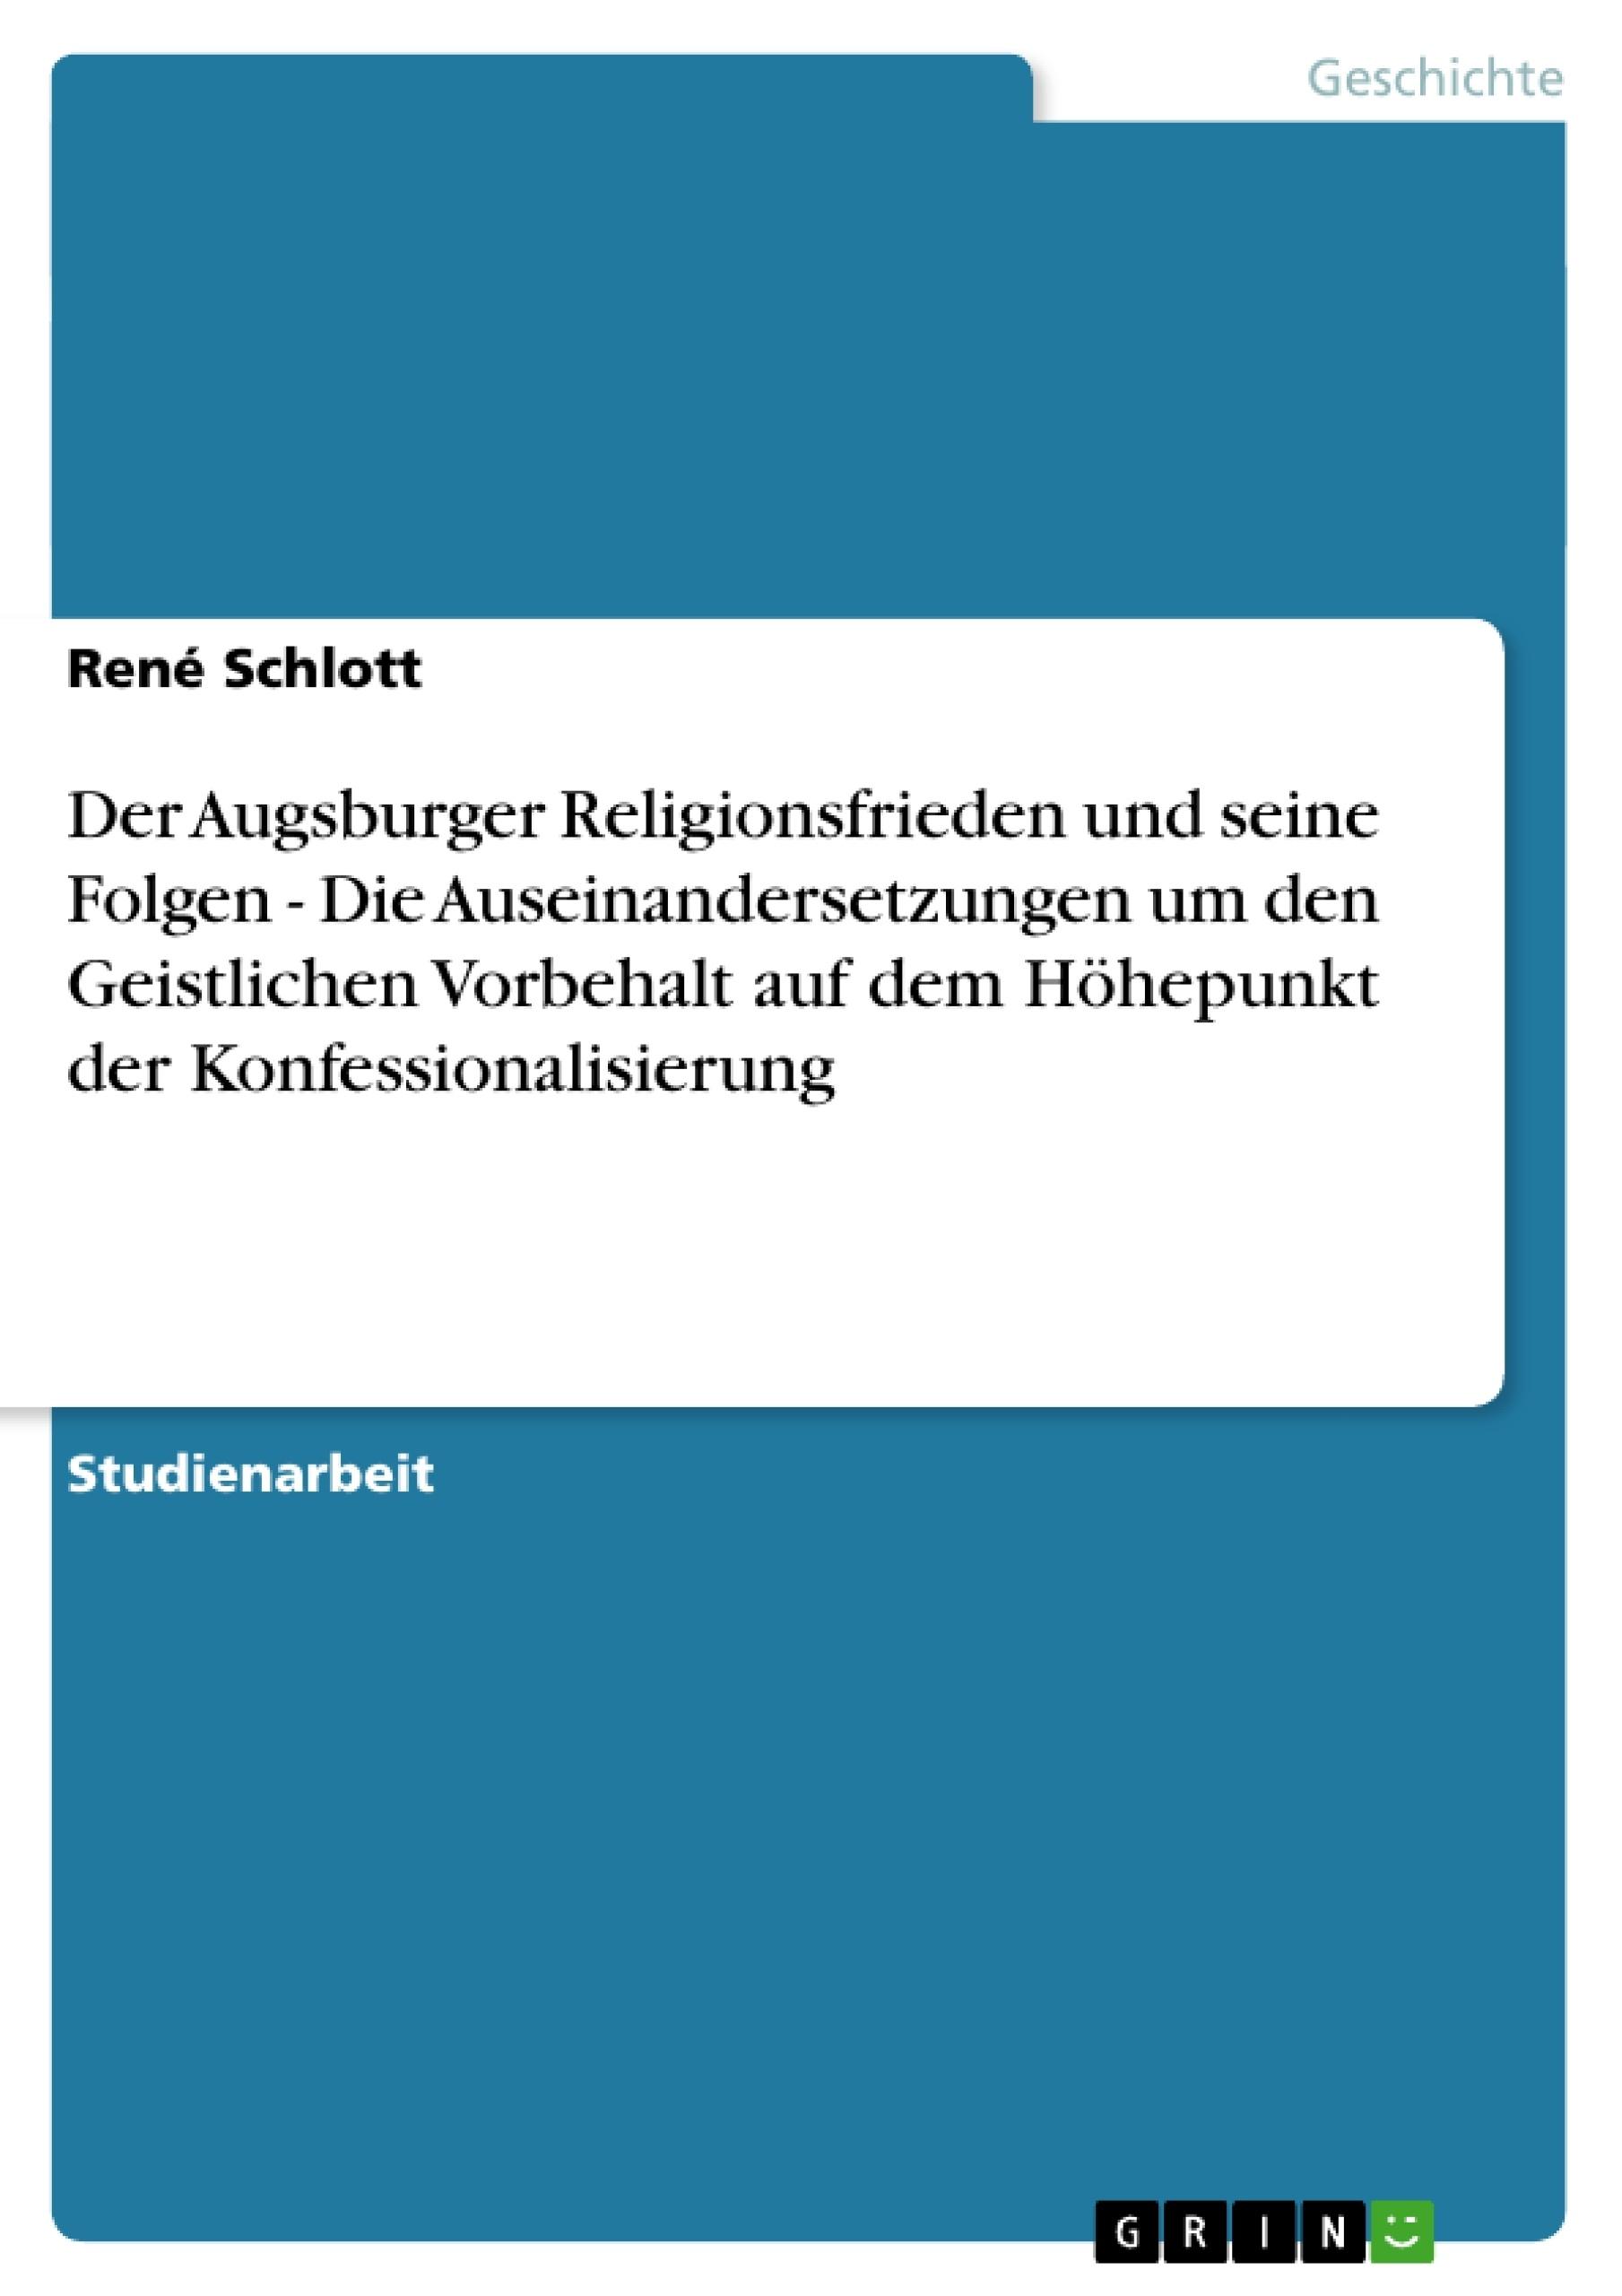 Titel: Der Augsburger Religionsfrieden und seine Folgen - Die Auseinandersetzungen um den Geistlichen Vorbehalt auf dem Höhepunkt der Konfessionalisierung